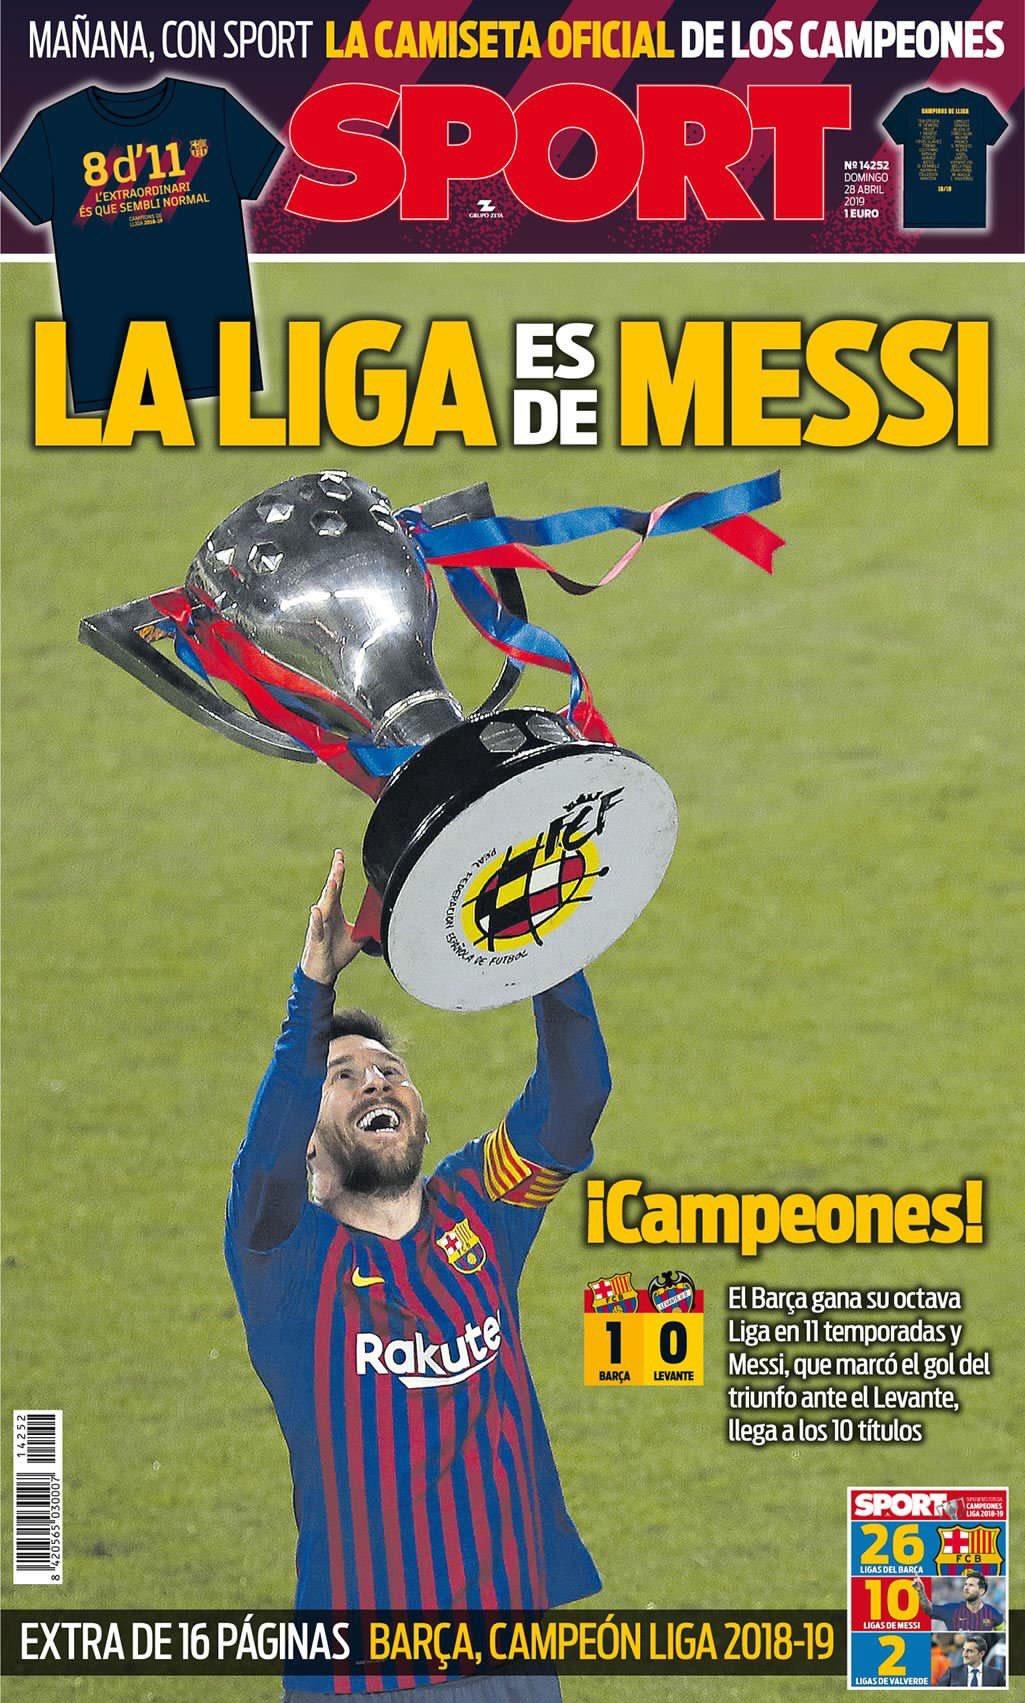 غلاف صحيفة سبورت